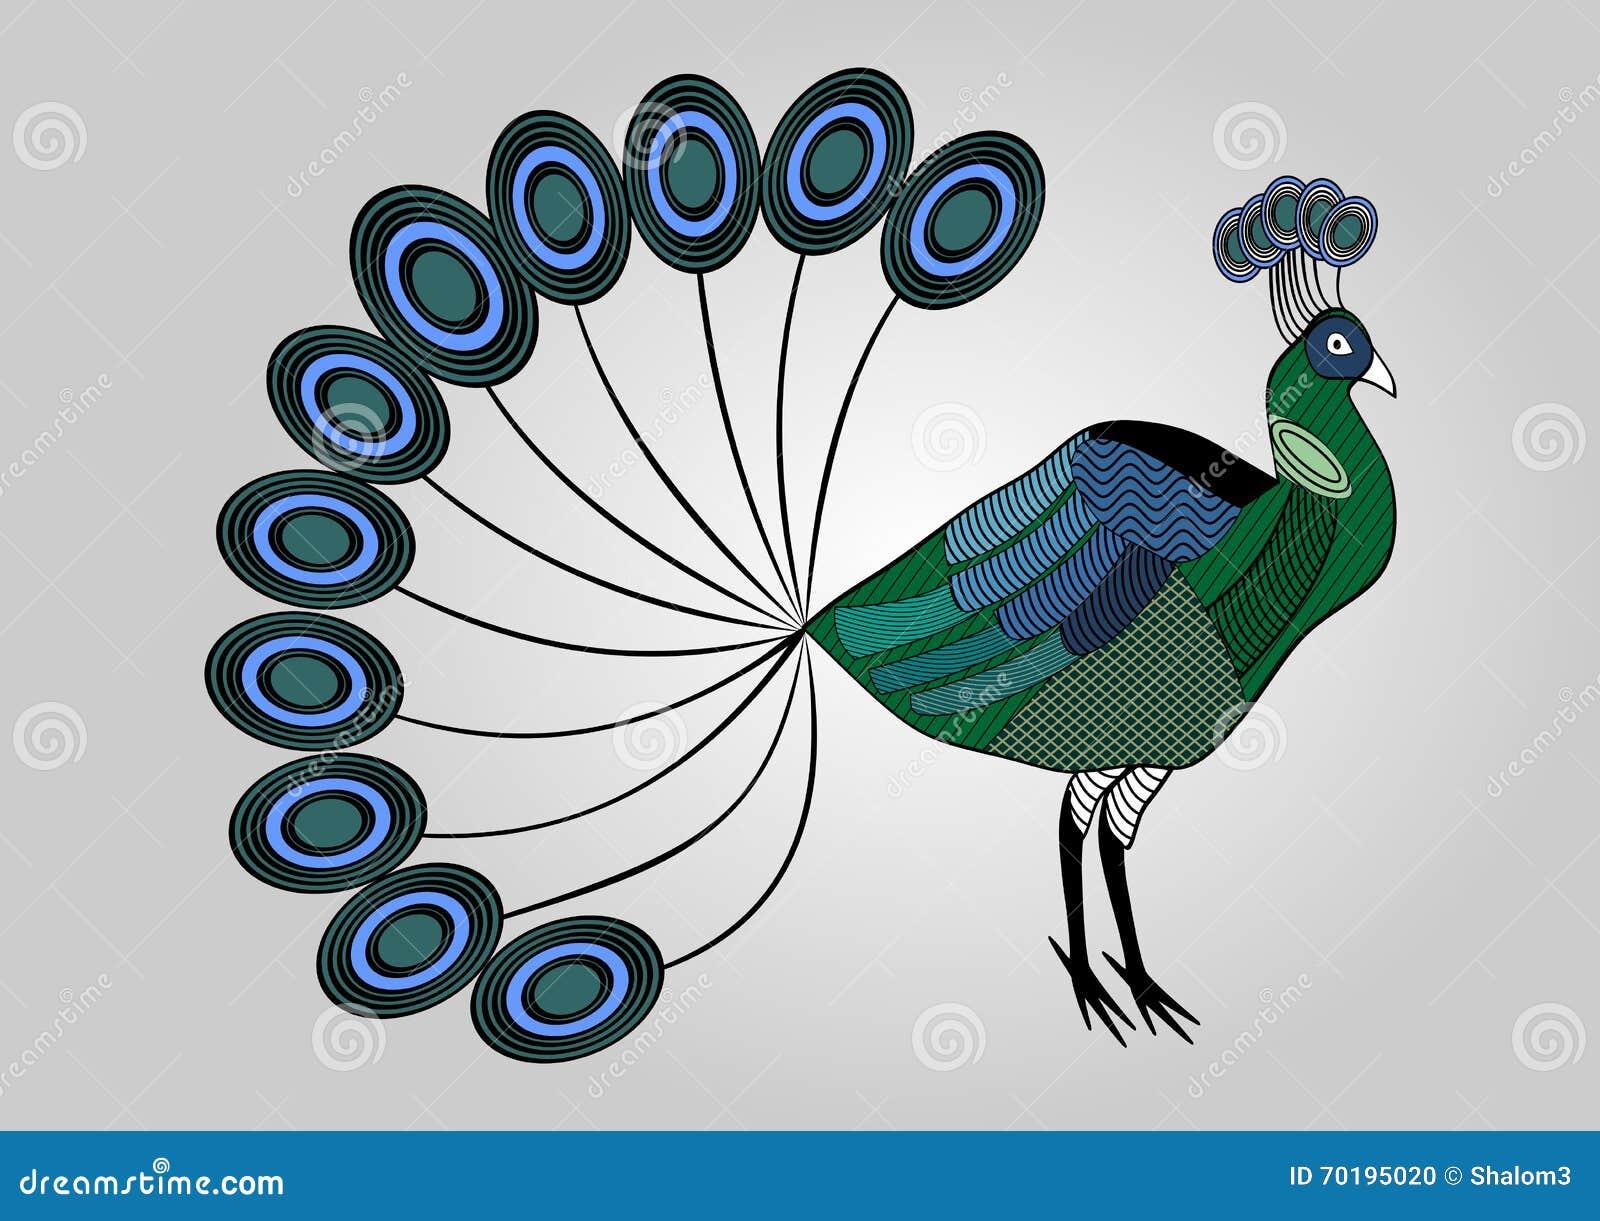 Färgrik påfågelillustration med kläckte mönstrade kroppsdelar, dekorativ fågel, anti--spänning färgläggning